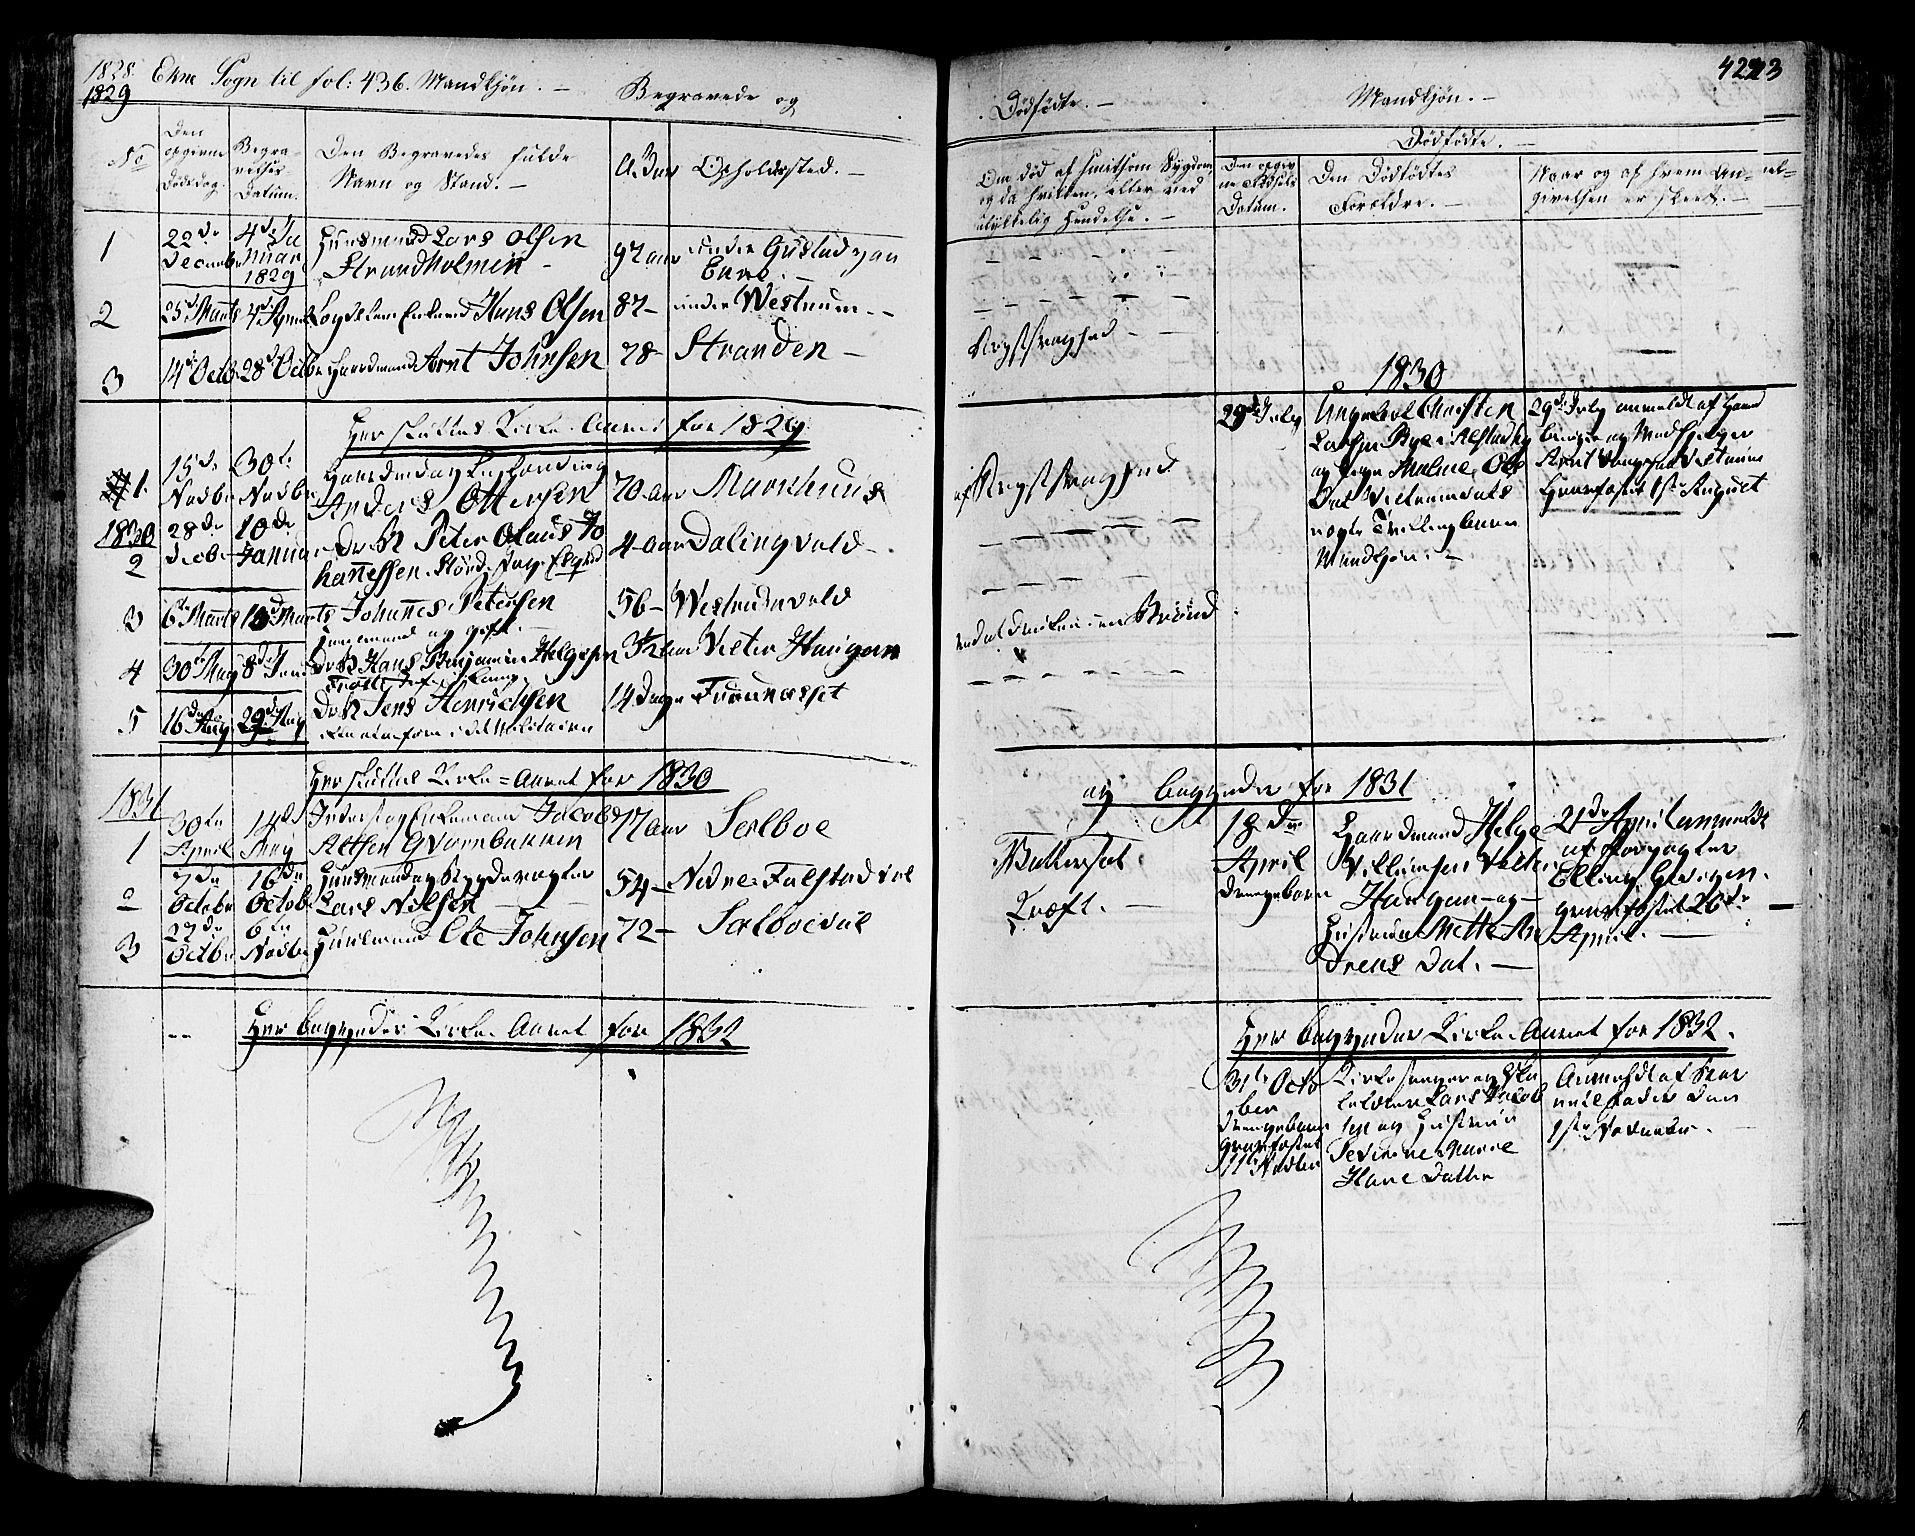 SAT, Ministerialprotokoller, klokkerbøker og fødselsregistre - Nord-Trøndelag, 717/L0152: Ministerialbok nr. 717A05 /2, 1828-1836, s. 422